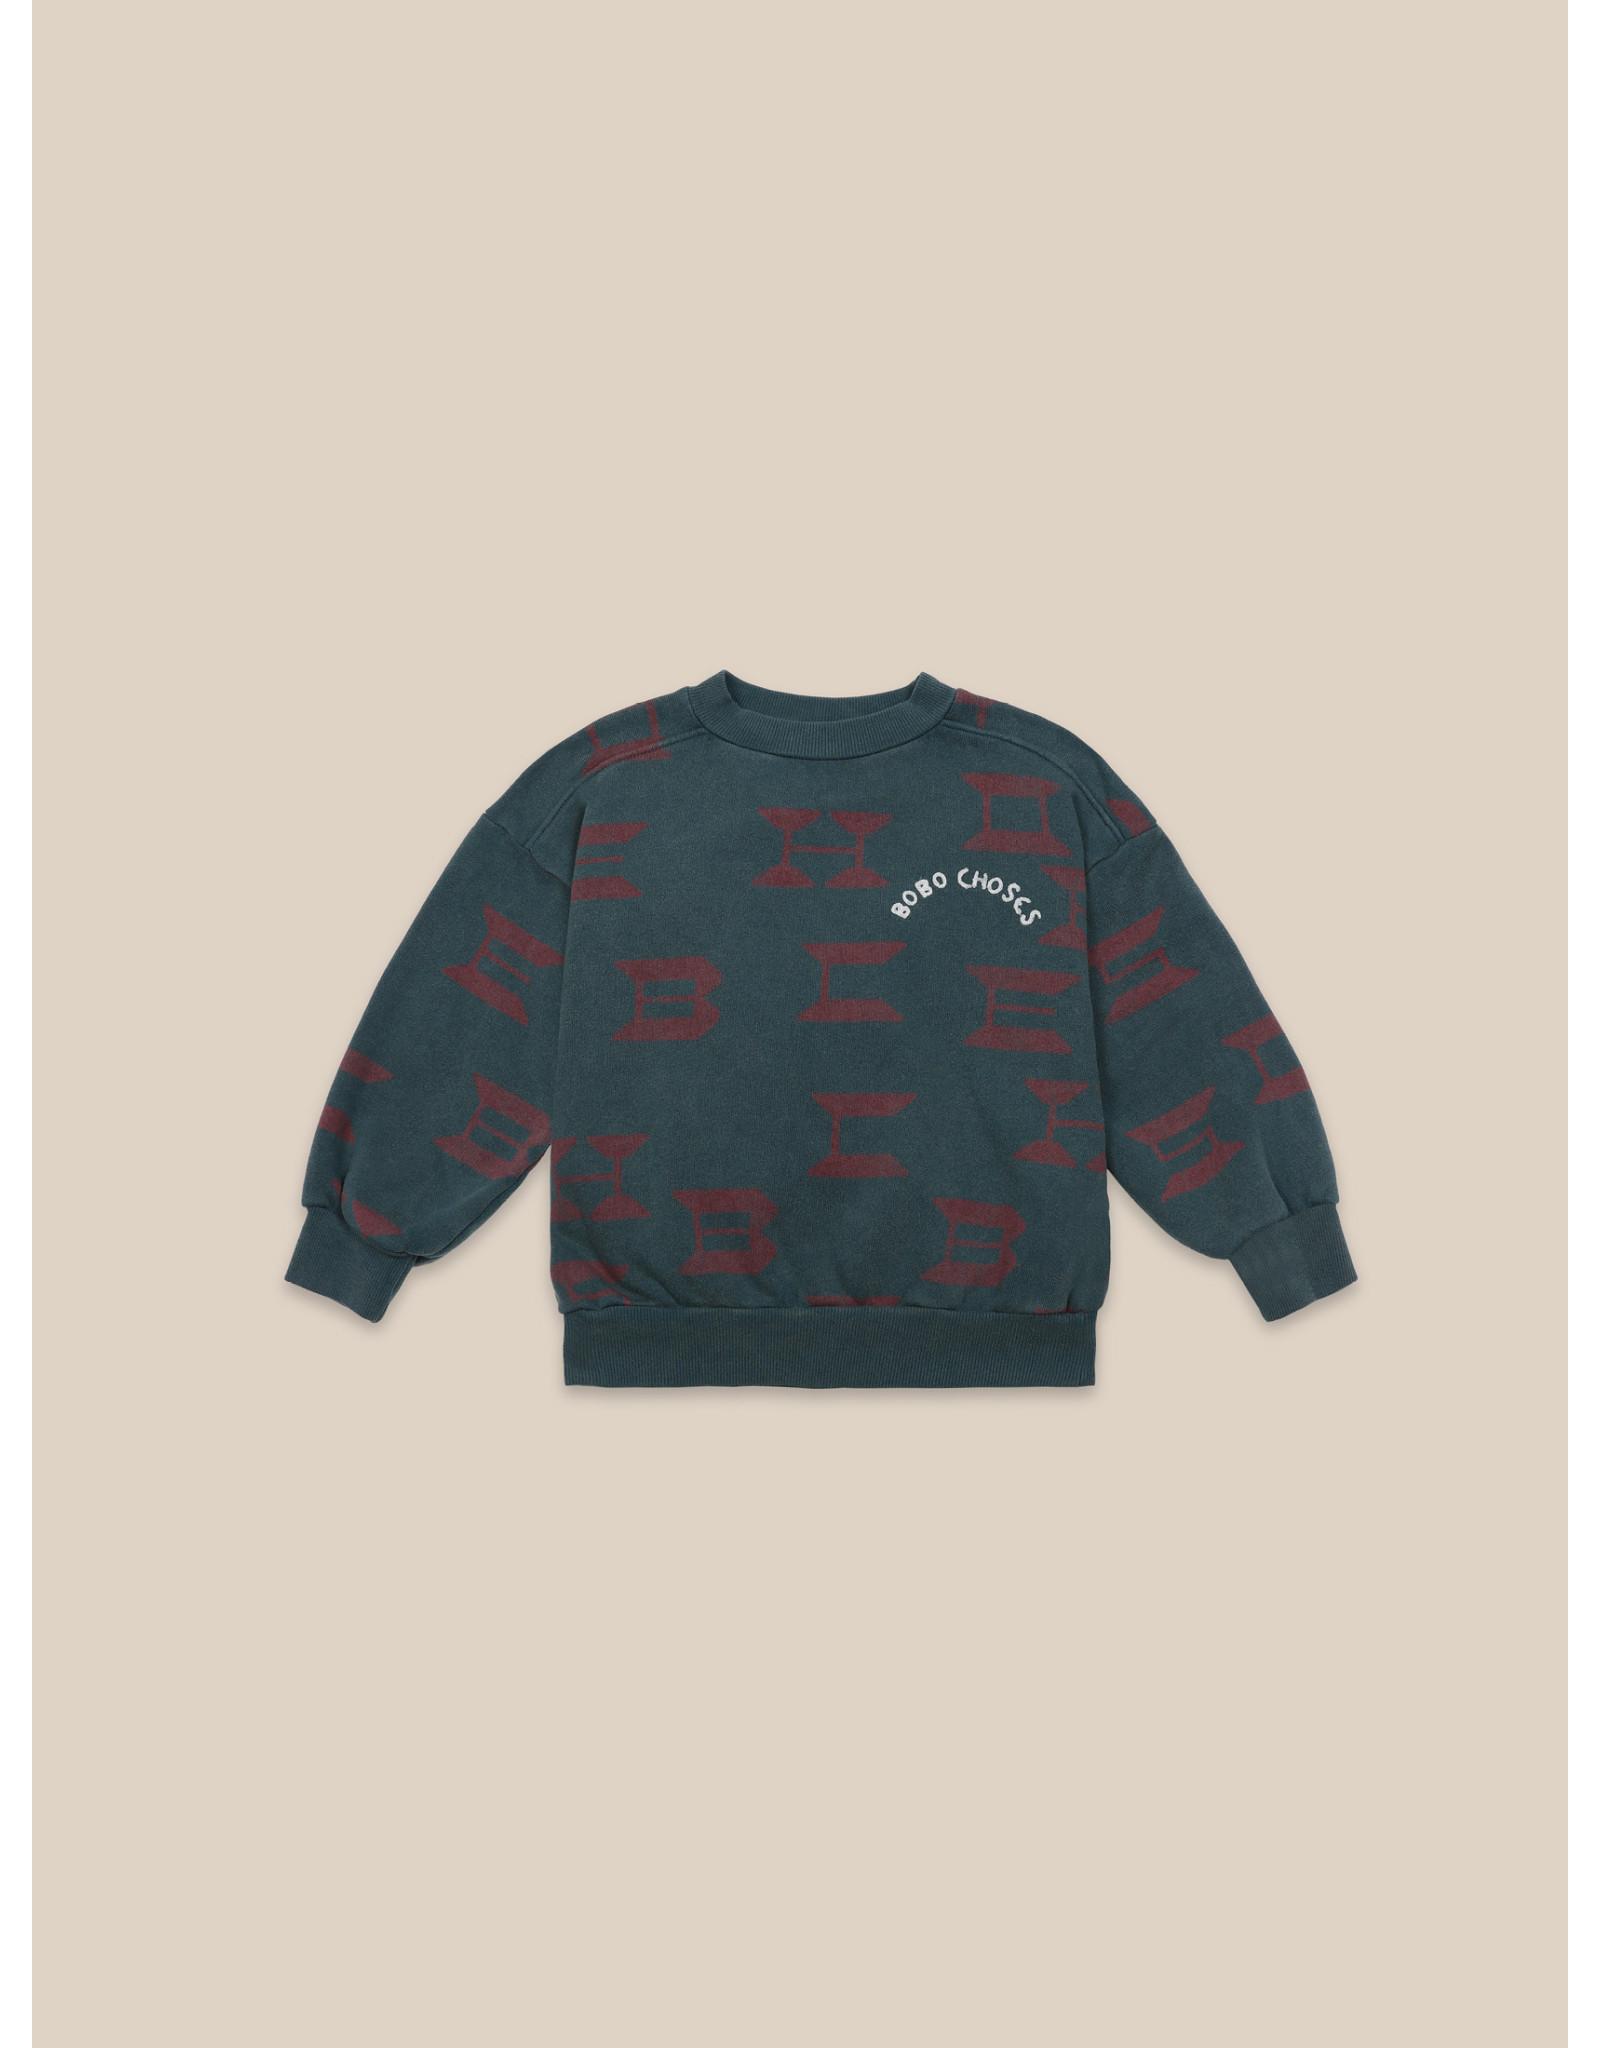 Bobo Choses Bobo Choses all over sweatshirt